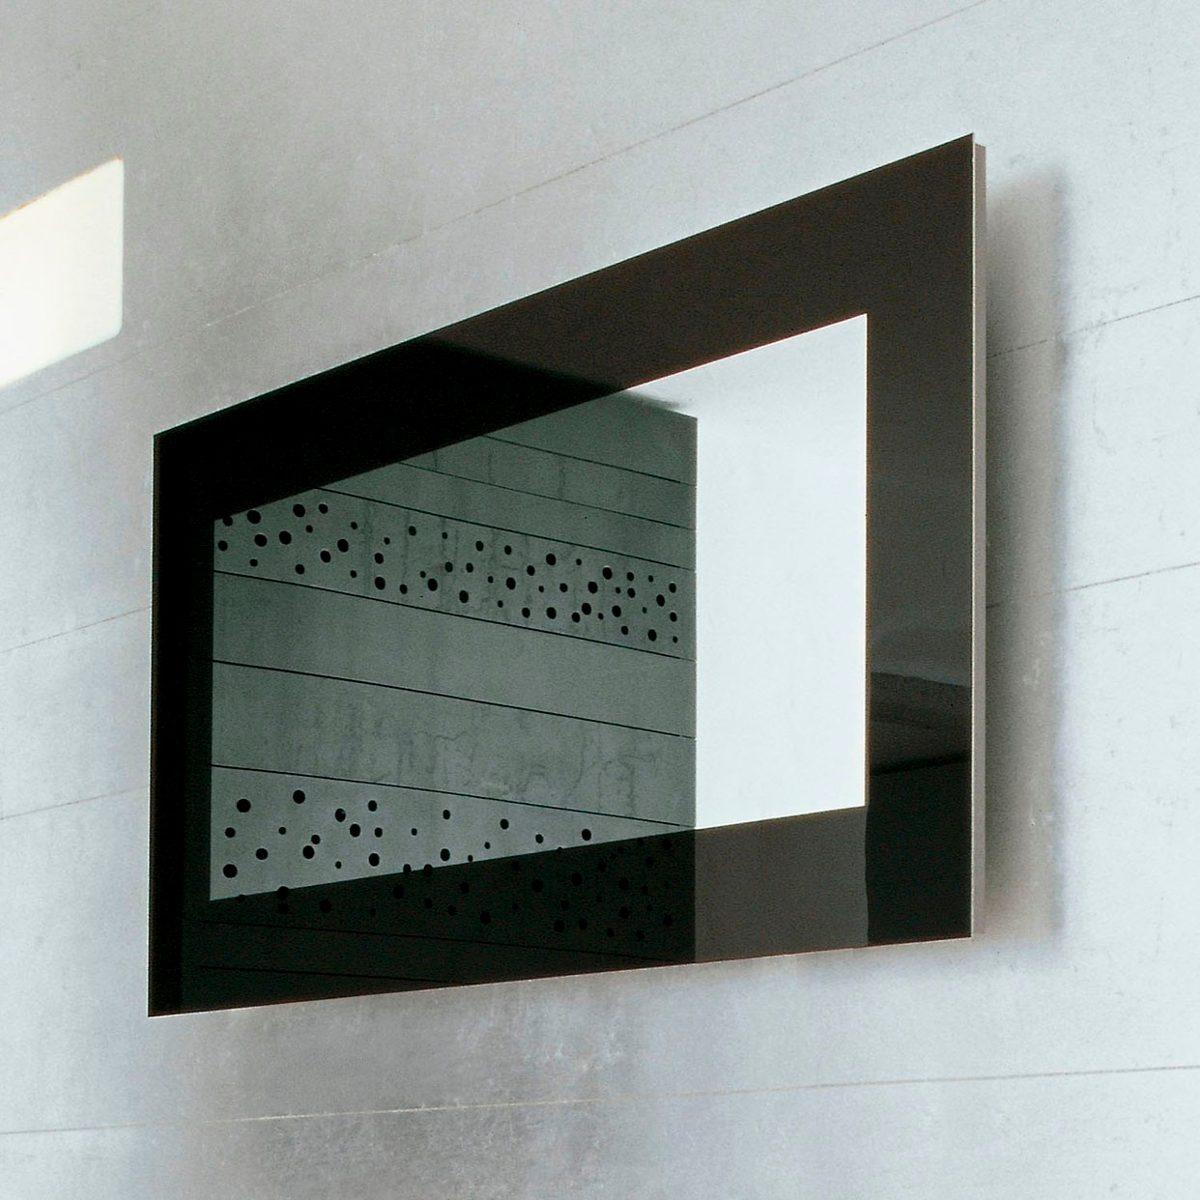 Espejos de calidad con marcos de madera o sin marco s 250 for Espejos para pared grandes sin marco